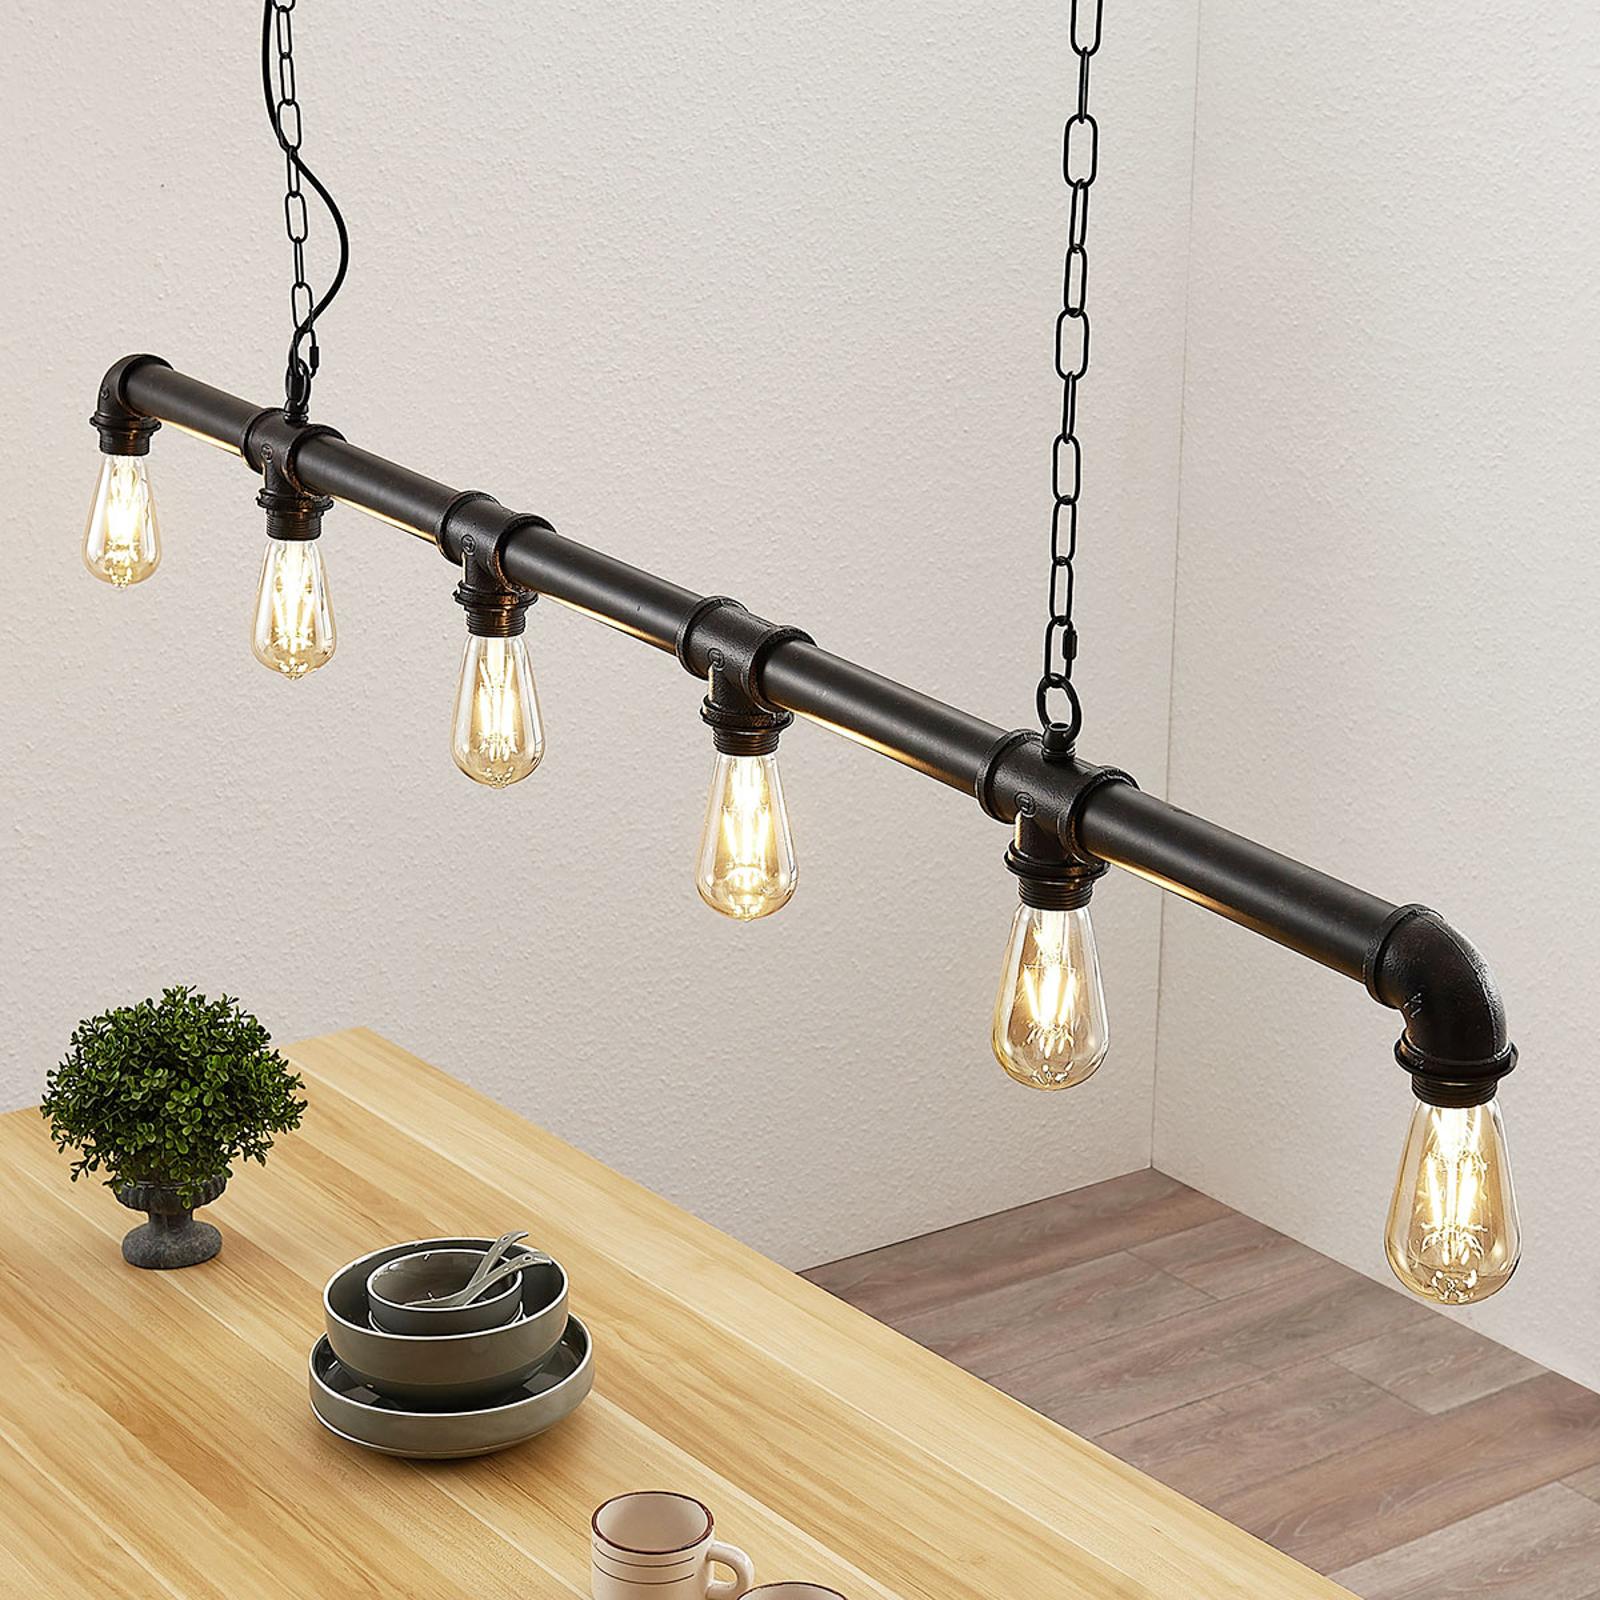 Lampa wisząca belka Josip w stylu industrialnym